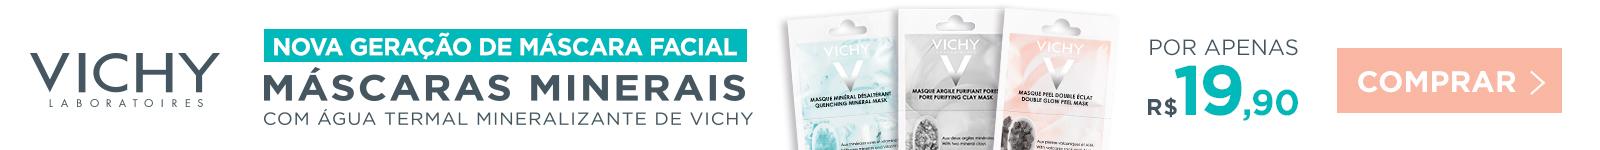 Mascara Vichy